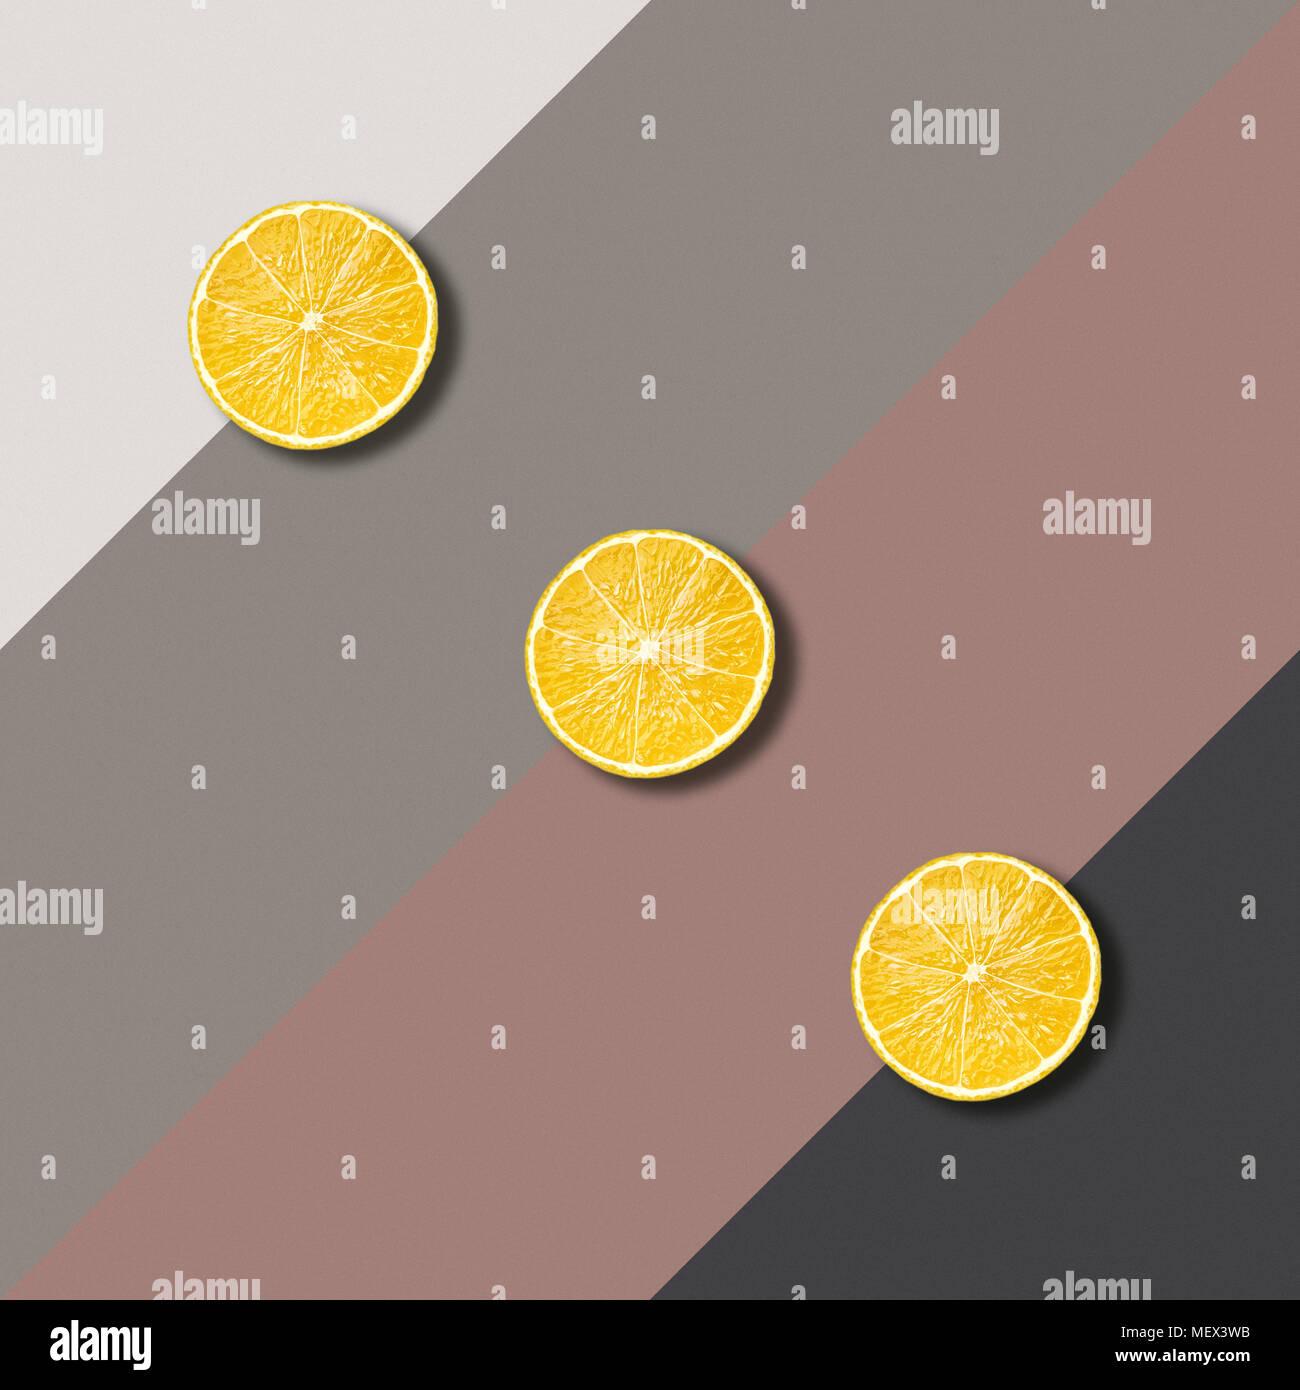 Abstraktes Bild mit drei Zitronenscheiben auf farbigen Hintergrund, minimalistische geometrische Essen Fotografie Stockbild